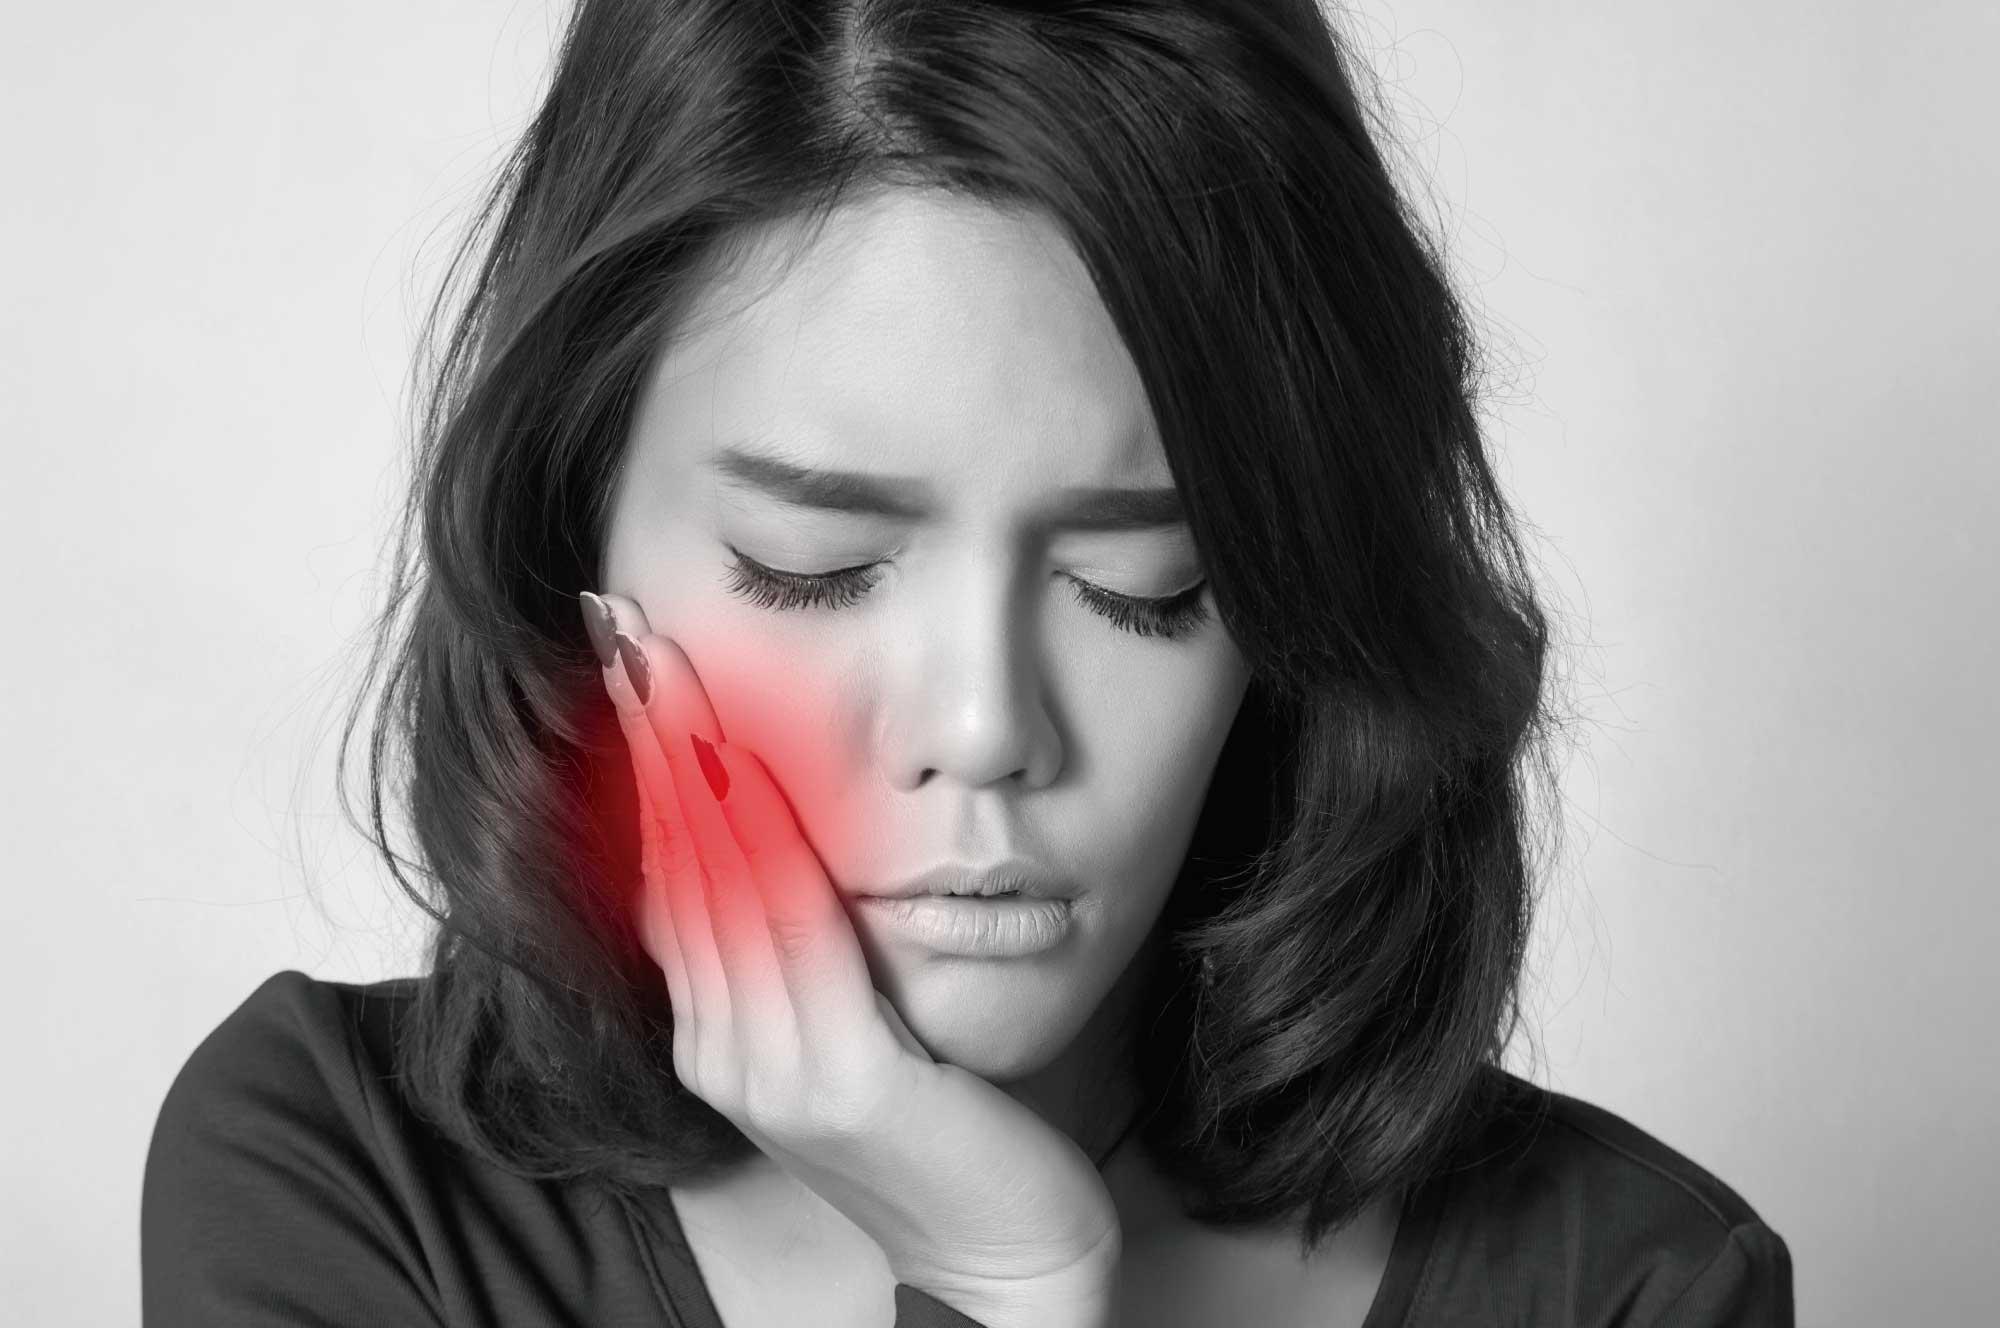 4.problema-sensibilidad-dental